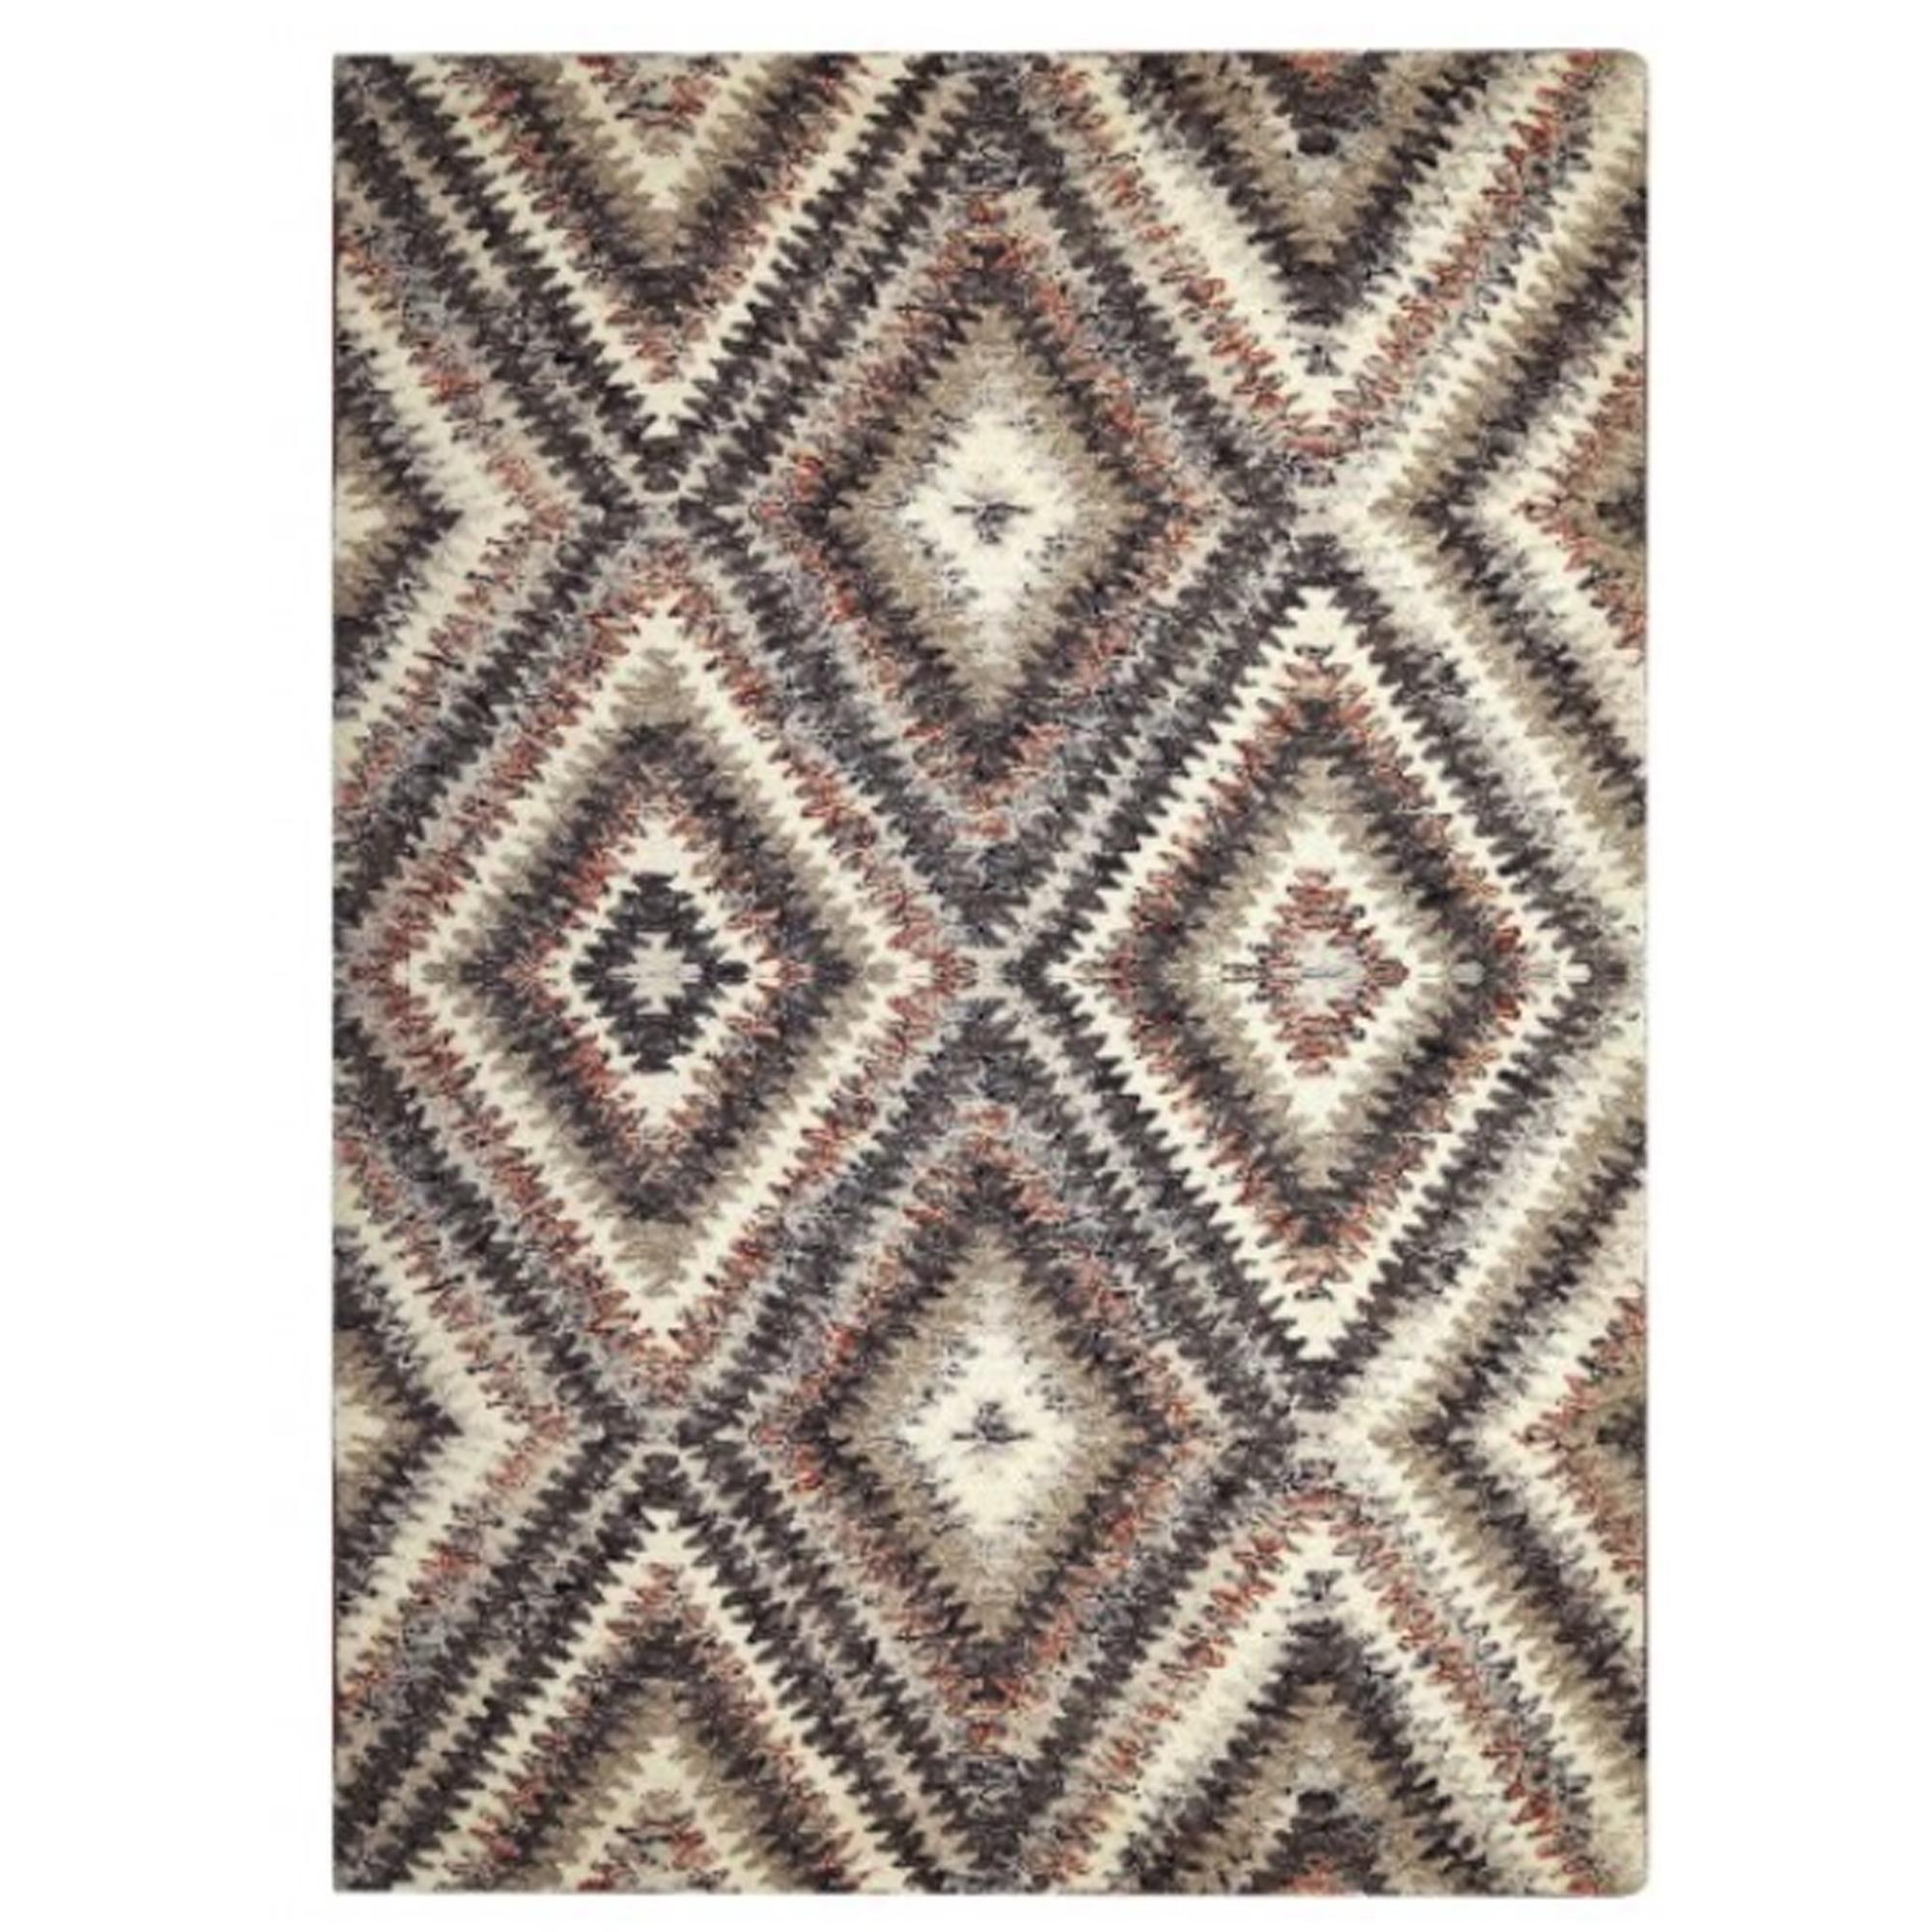 acs sparkle bohemian rugs wsi vintage imageoptim rug